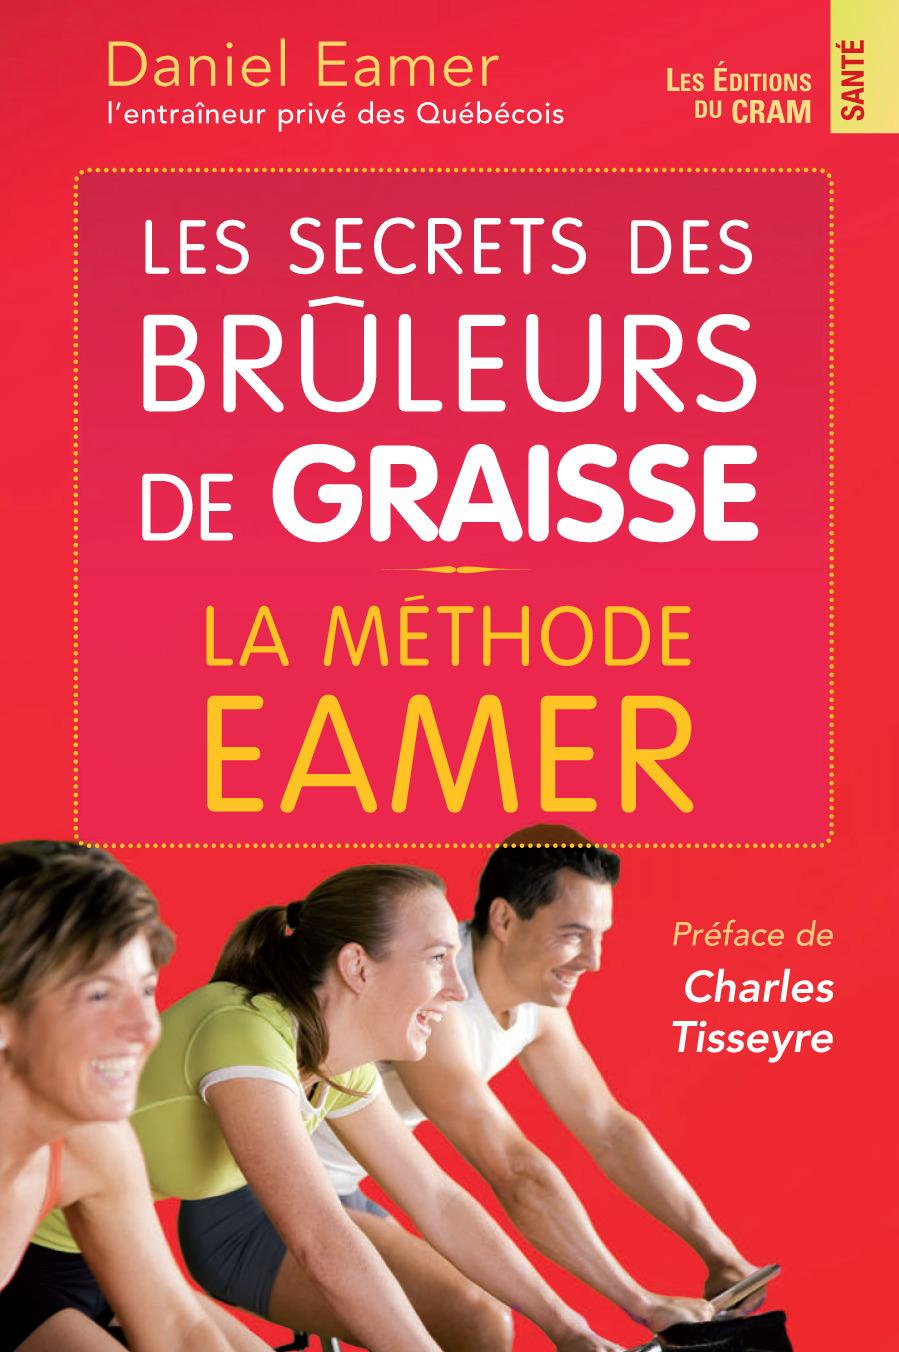 Le secret des brûleurs de graisse ; la méthode Eamer